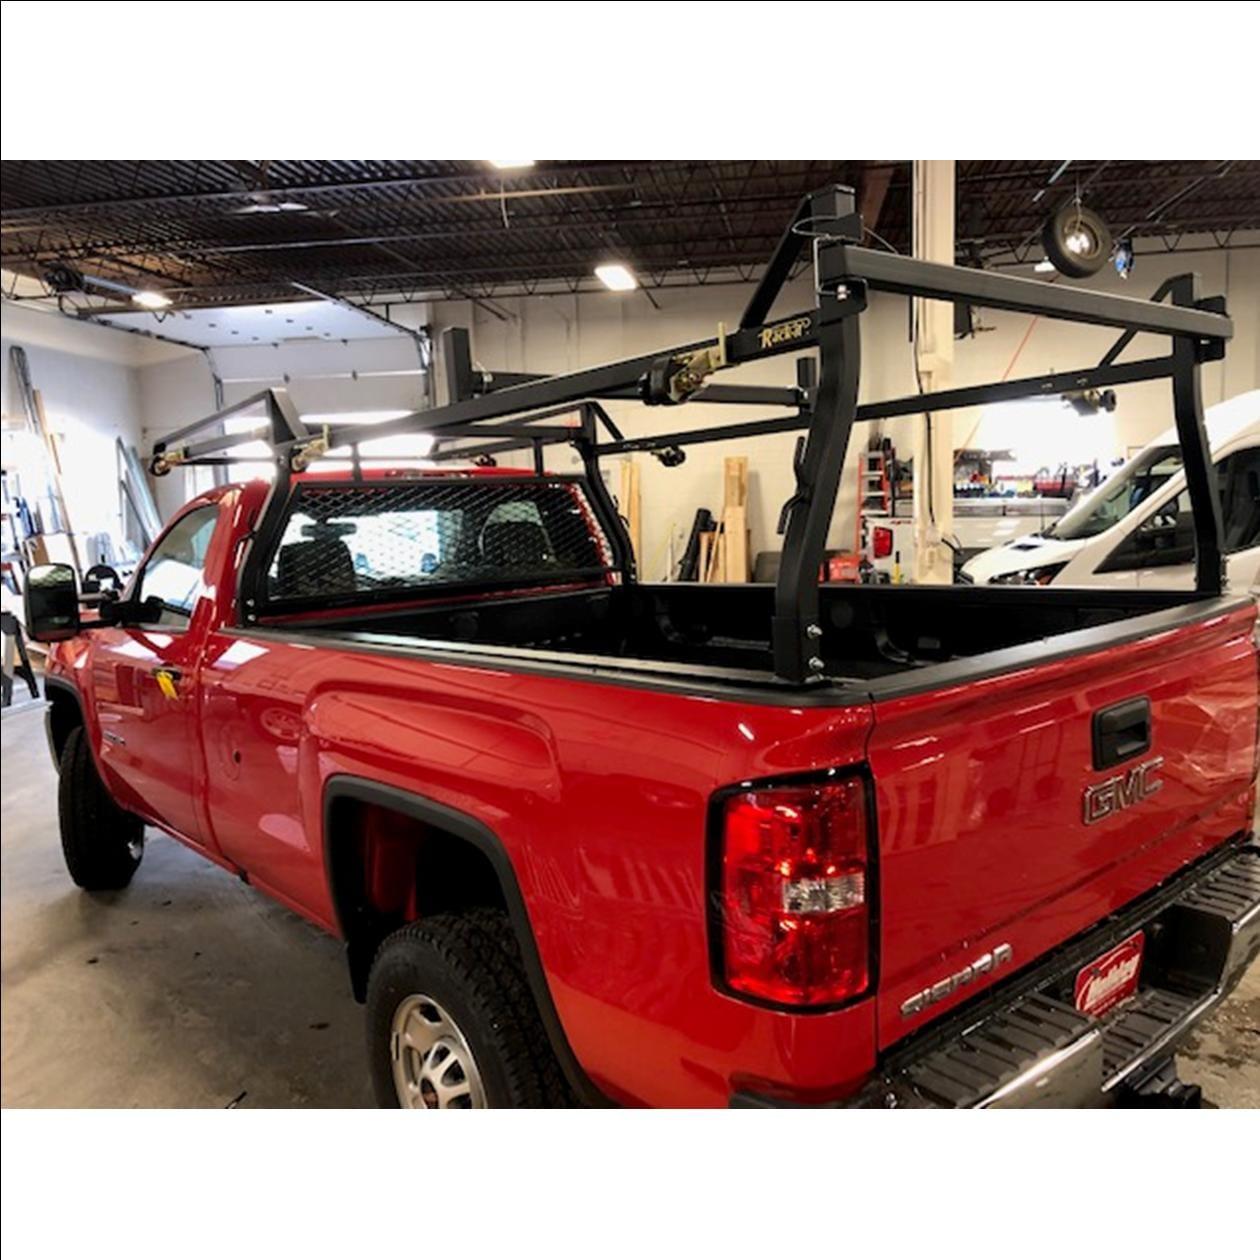 rack it inc heavy duty forklift loadable rack for gm silverado chevy sierra